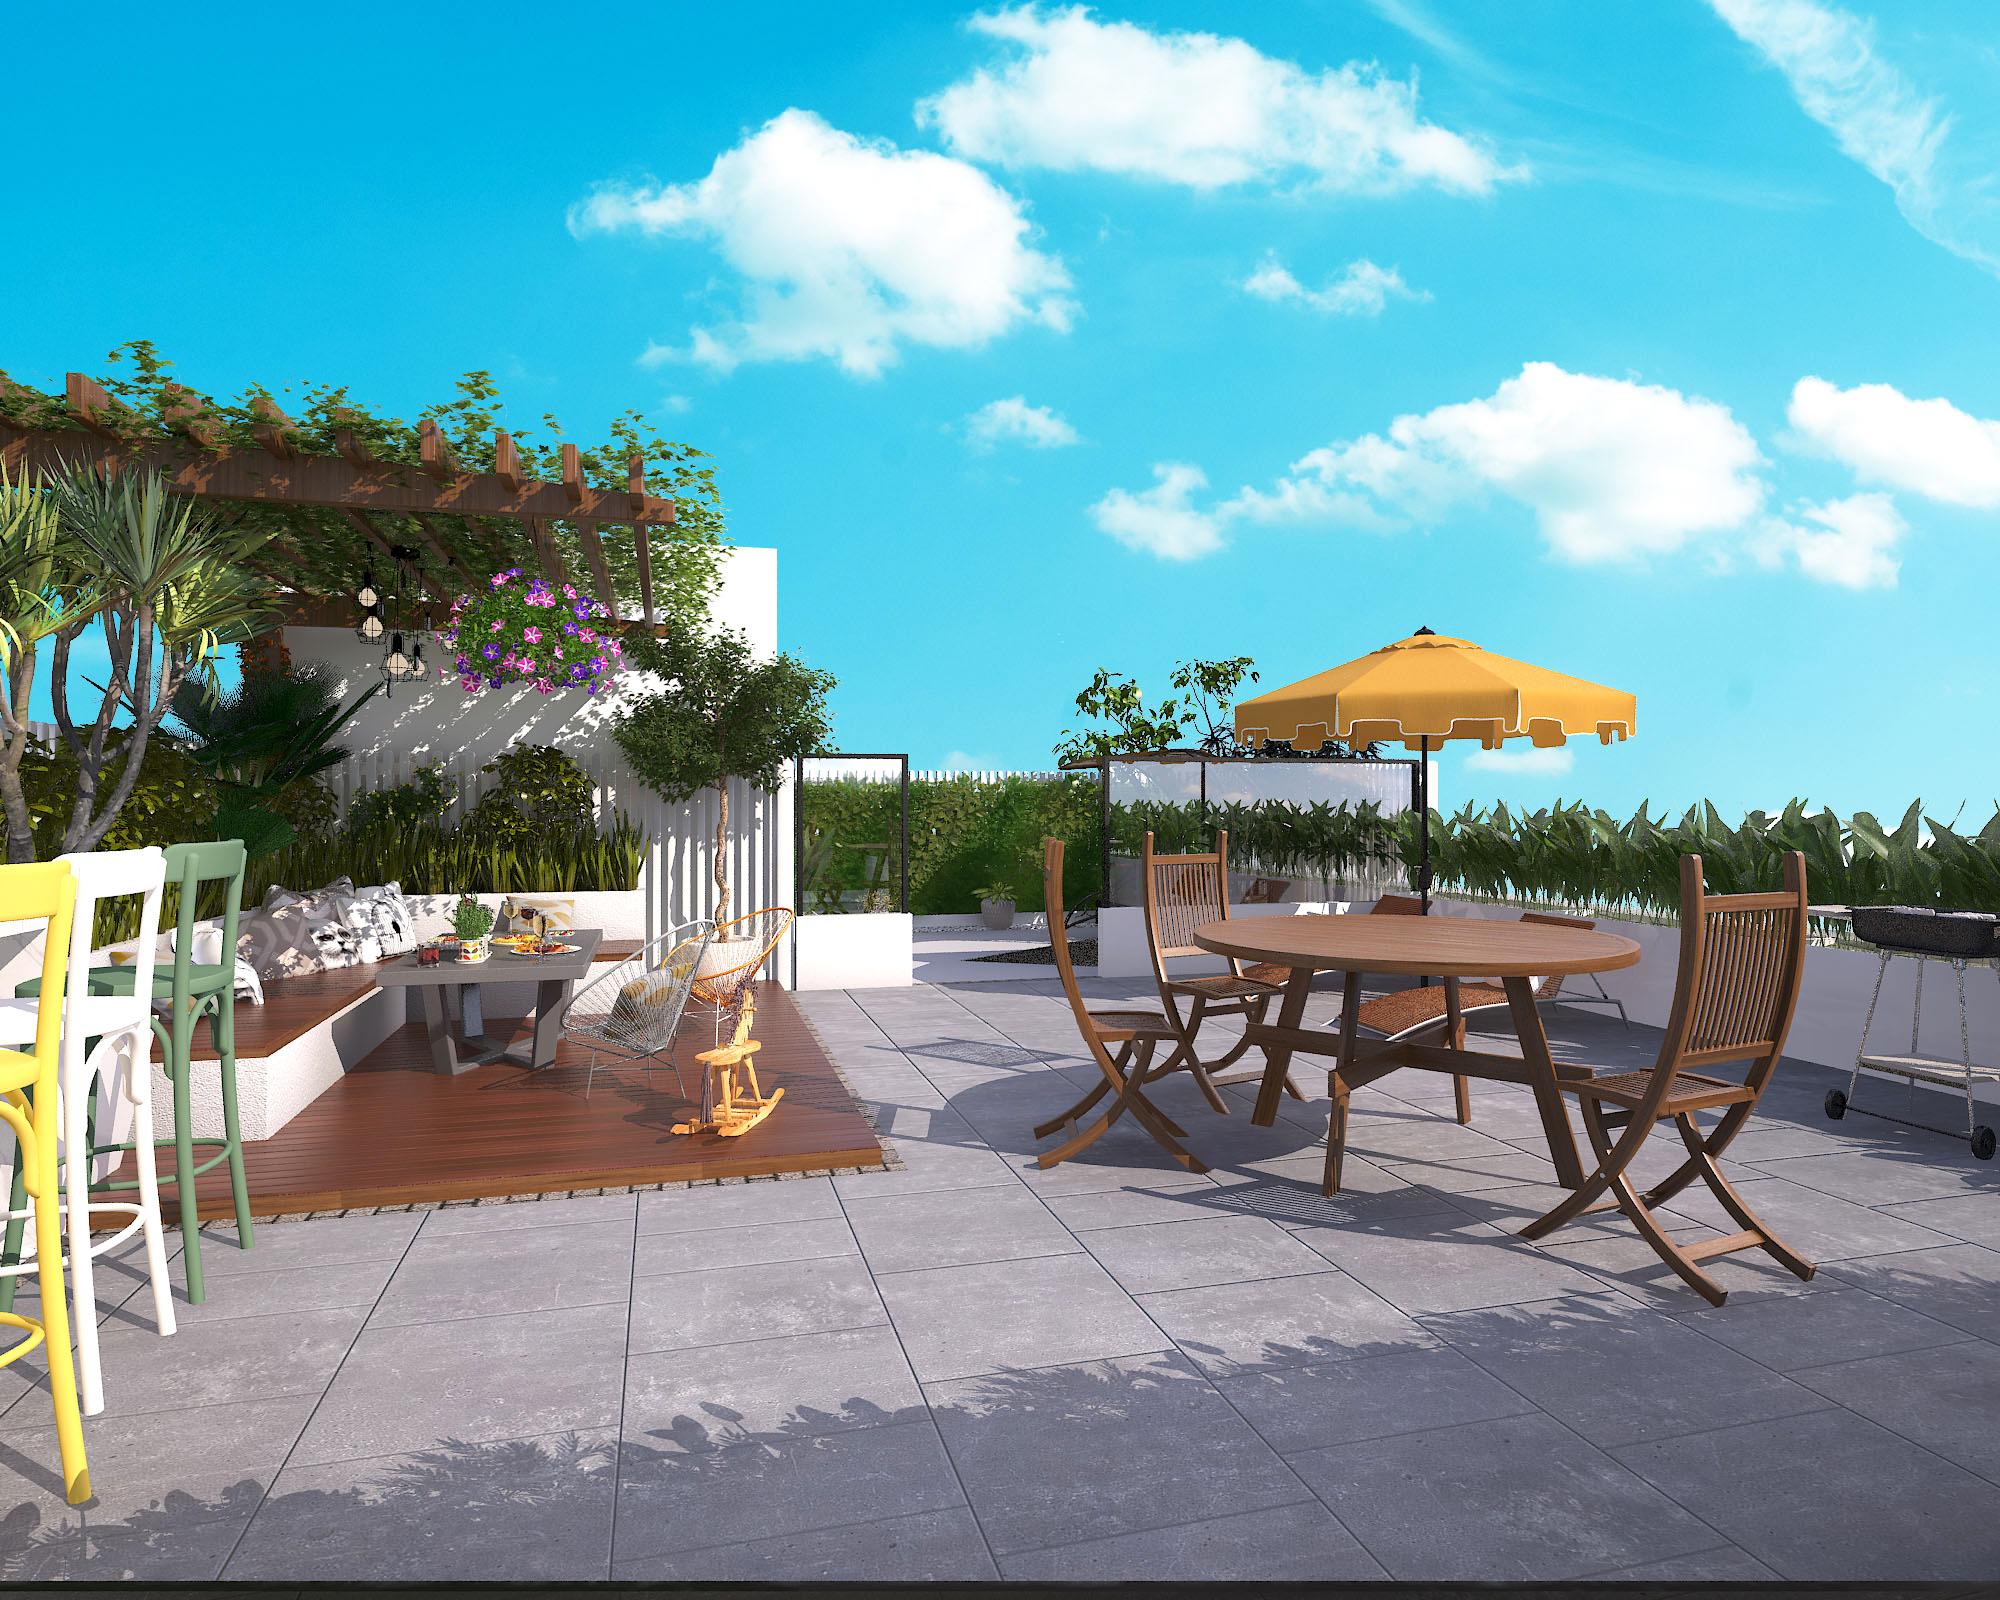 293-Roof Garden v1